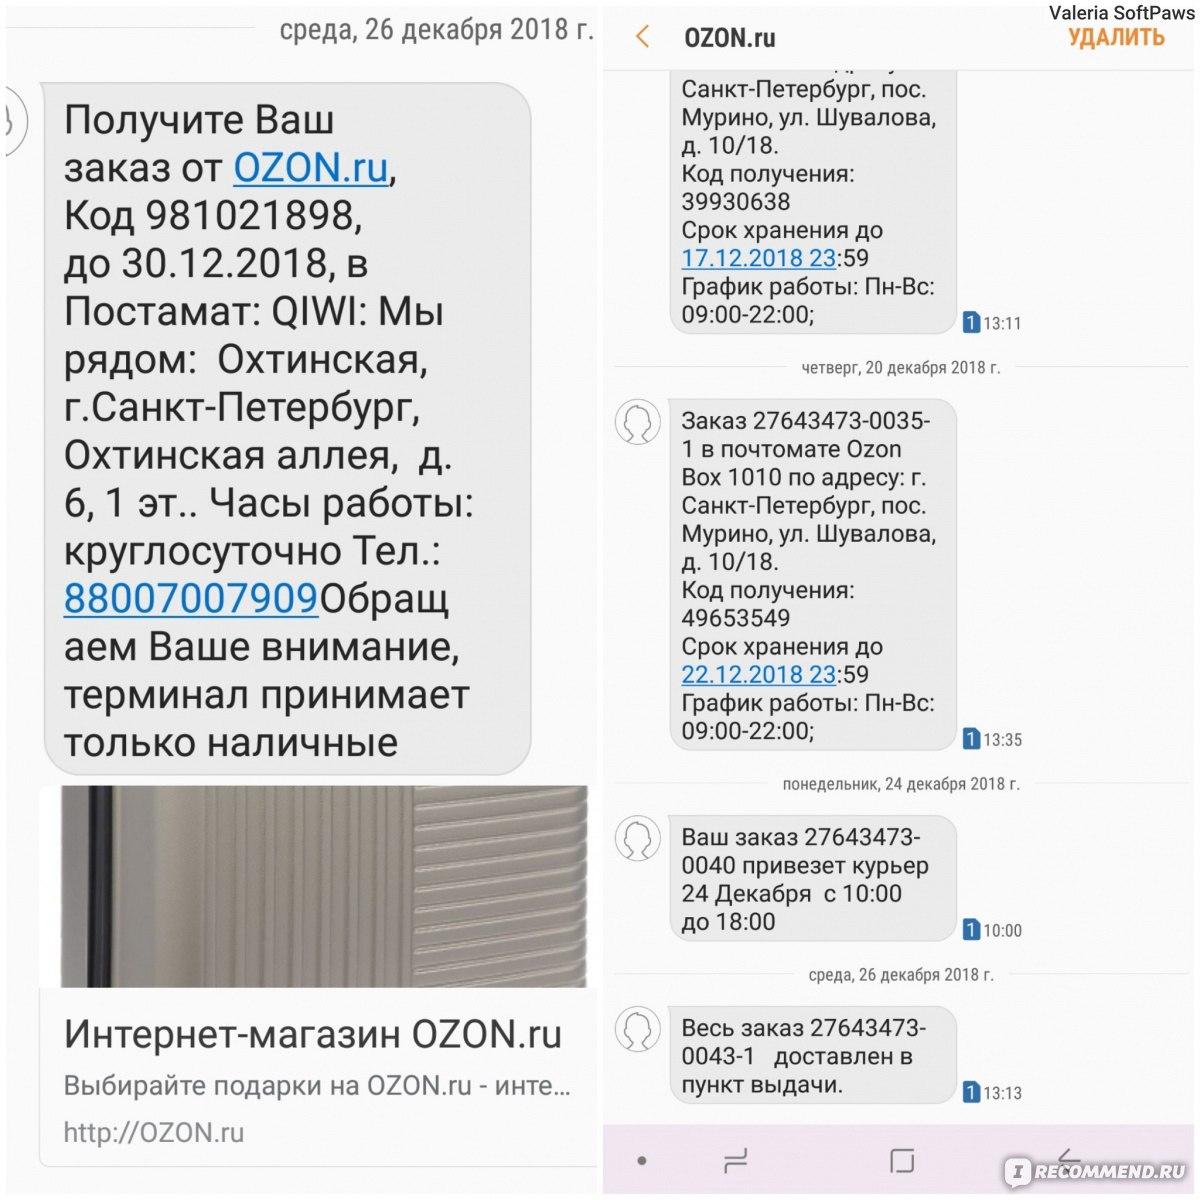 827a25c2dd6a Ozon.ru» - интернет-магазин - «Ozon.ru - самый любимый интернет ...